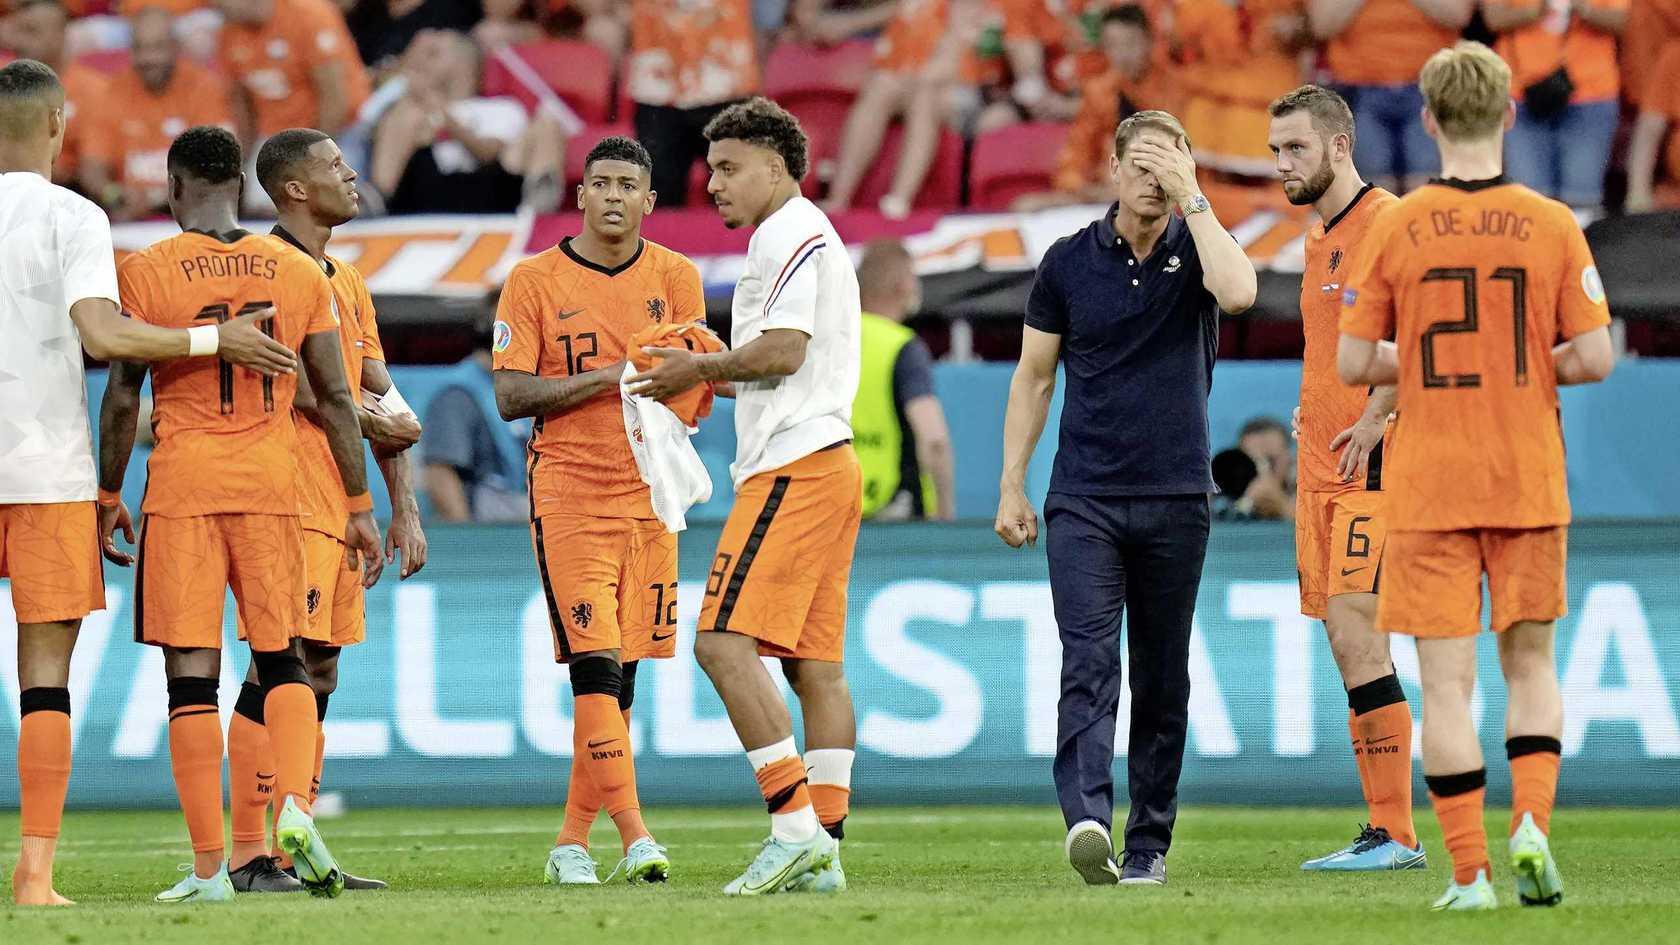 HLV Frank de Boer và các cầu thủ Hà Lan thất thần sau khi thua CH Czech trên sân Ferenc Puskas, Budapest, Hungary hôm 27/6. Ảnh: ANP